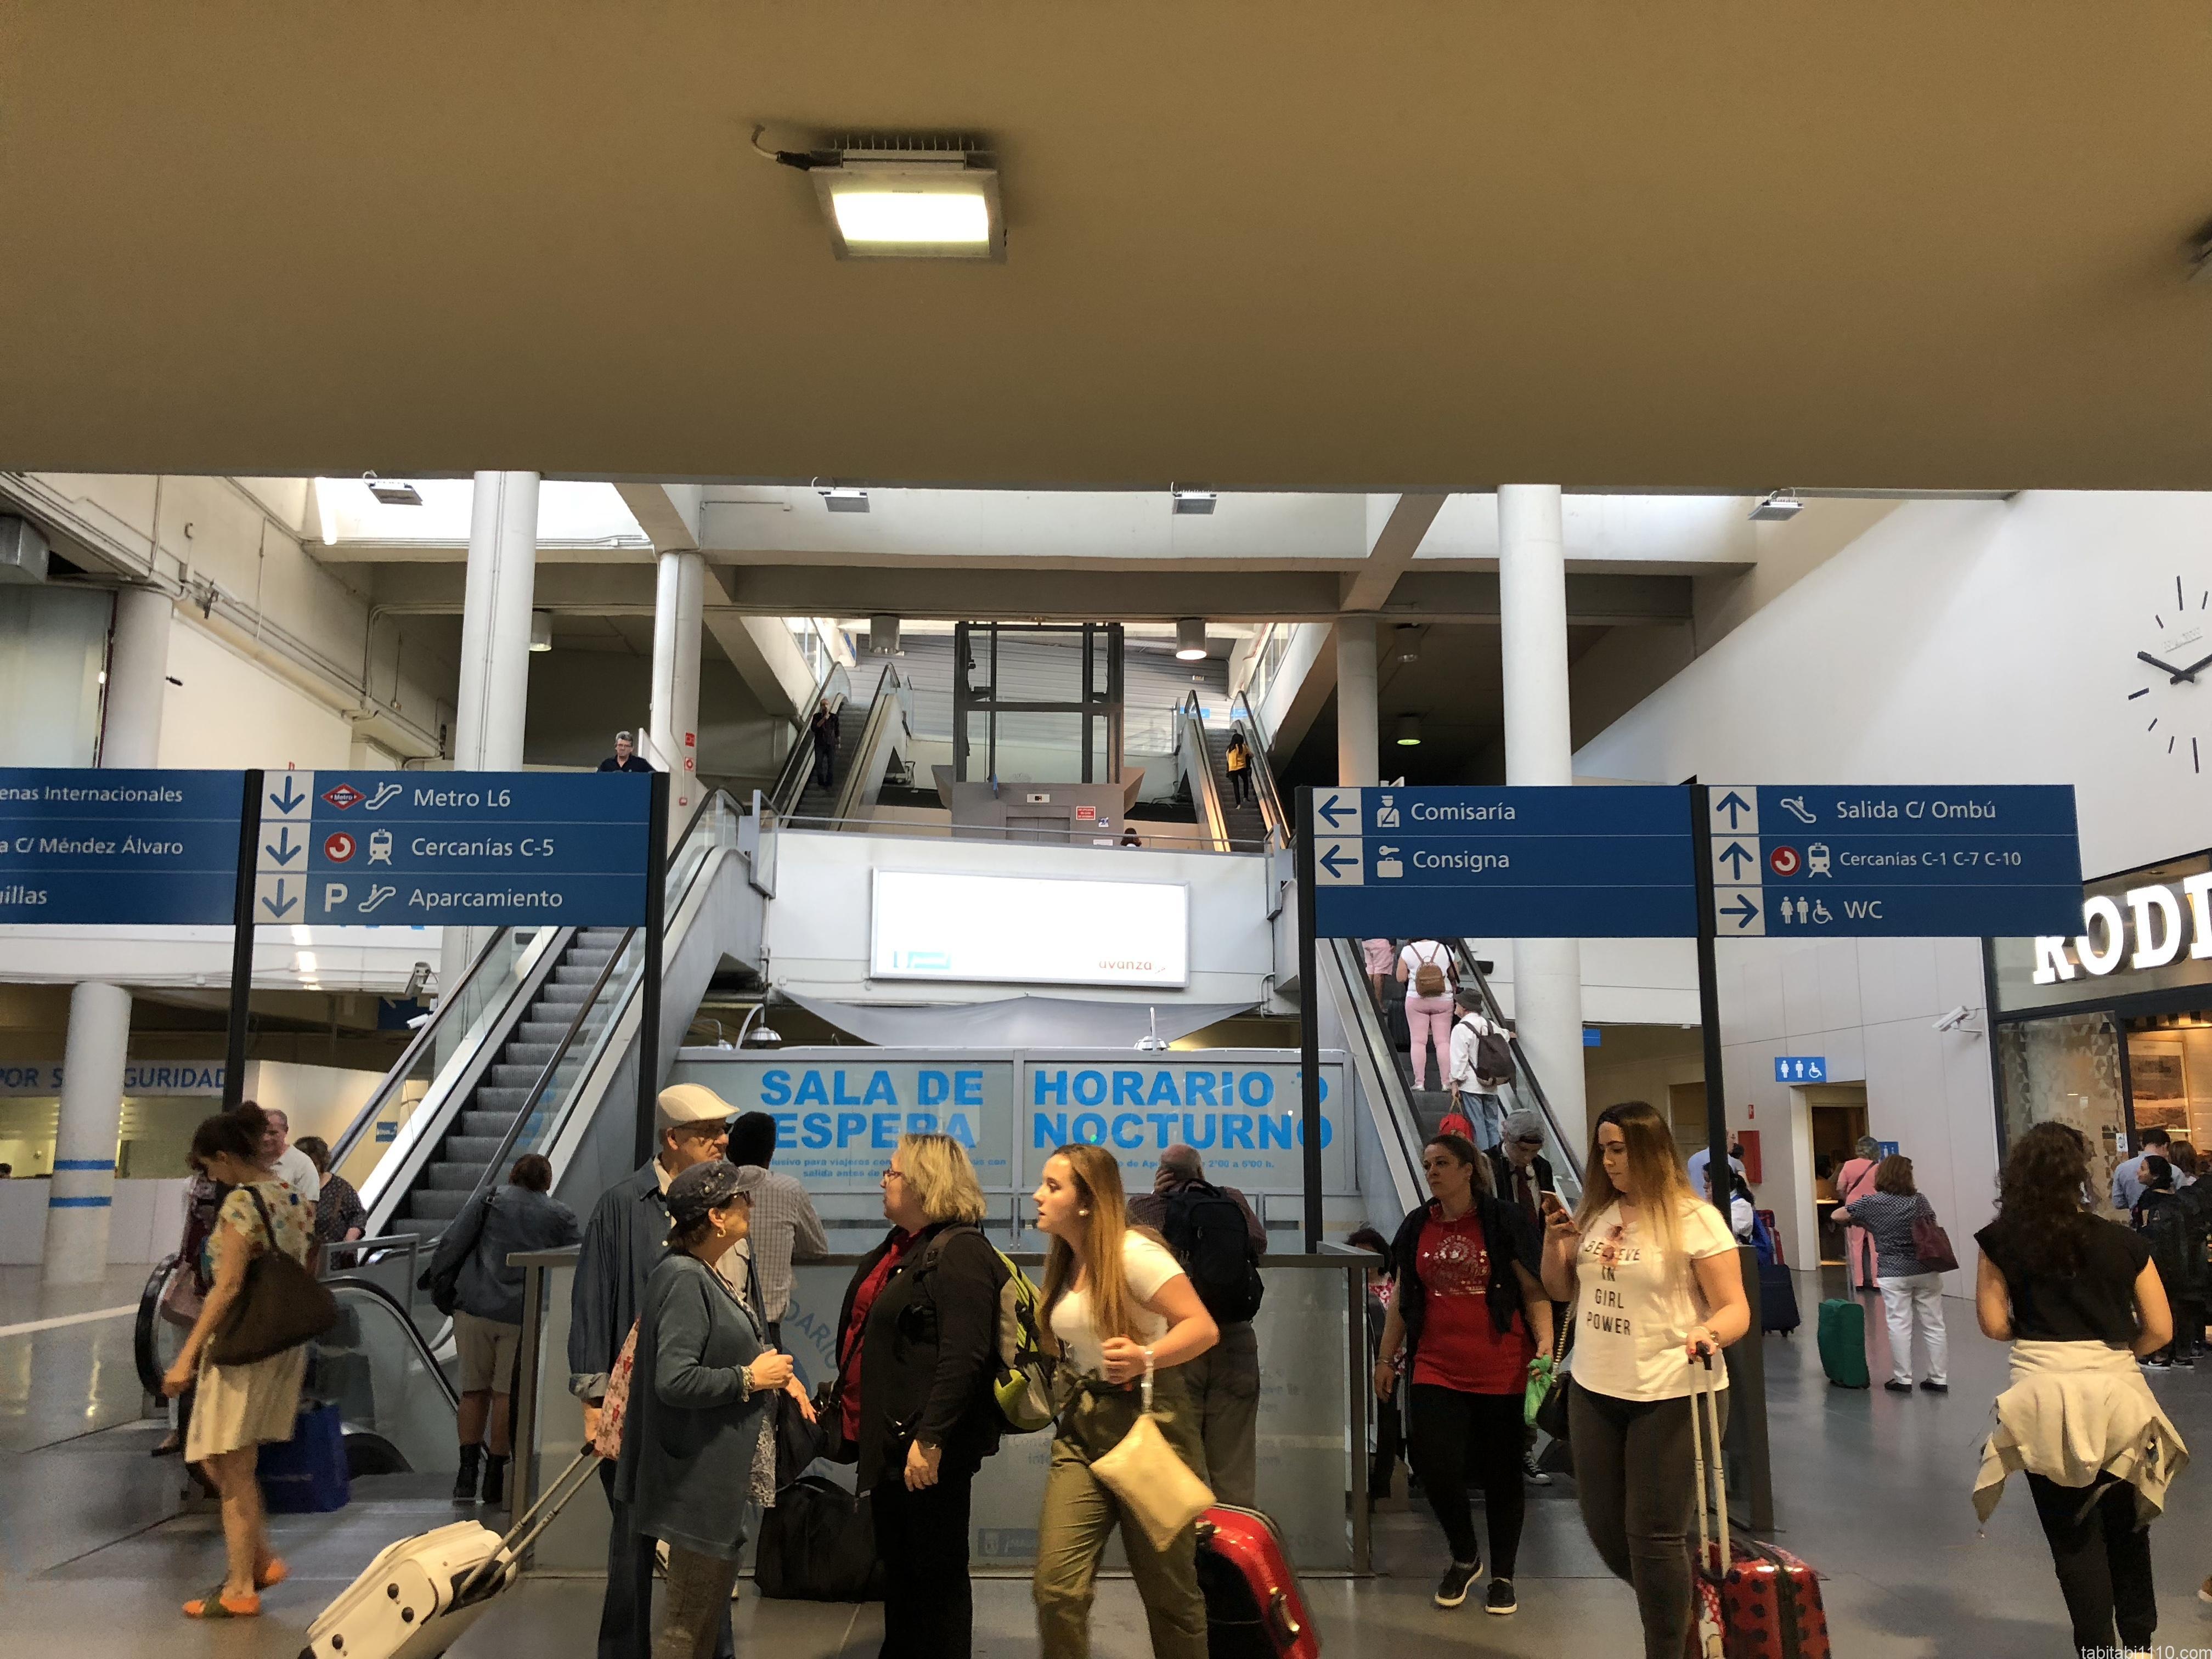 マドリードバスターミナル